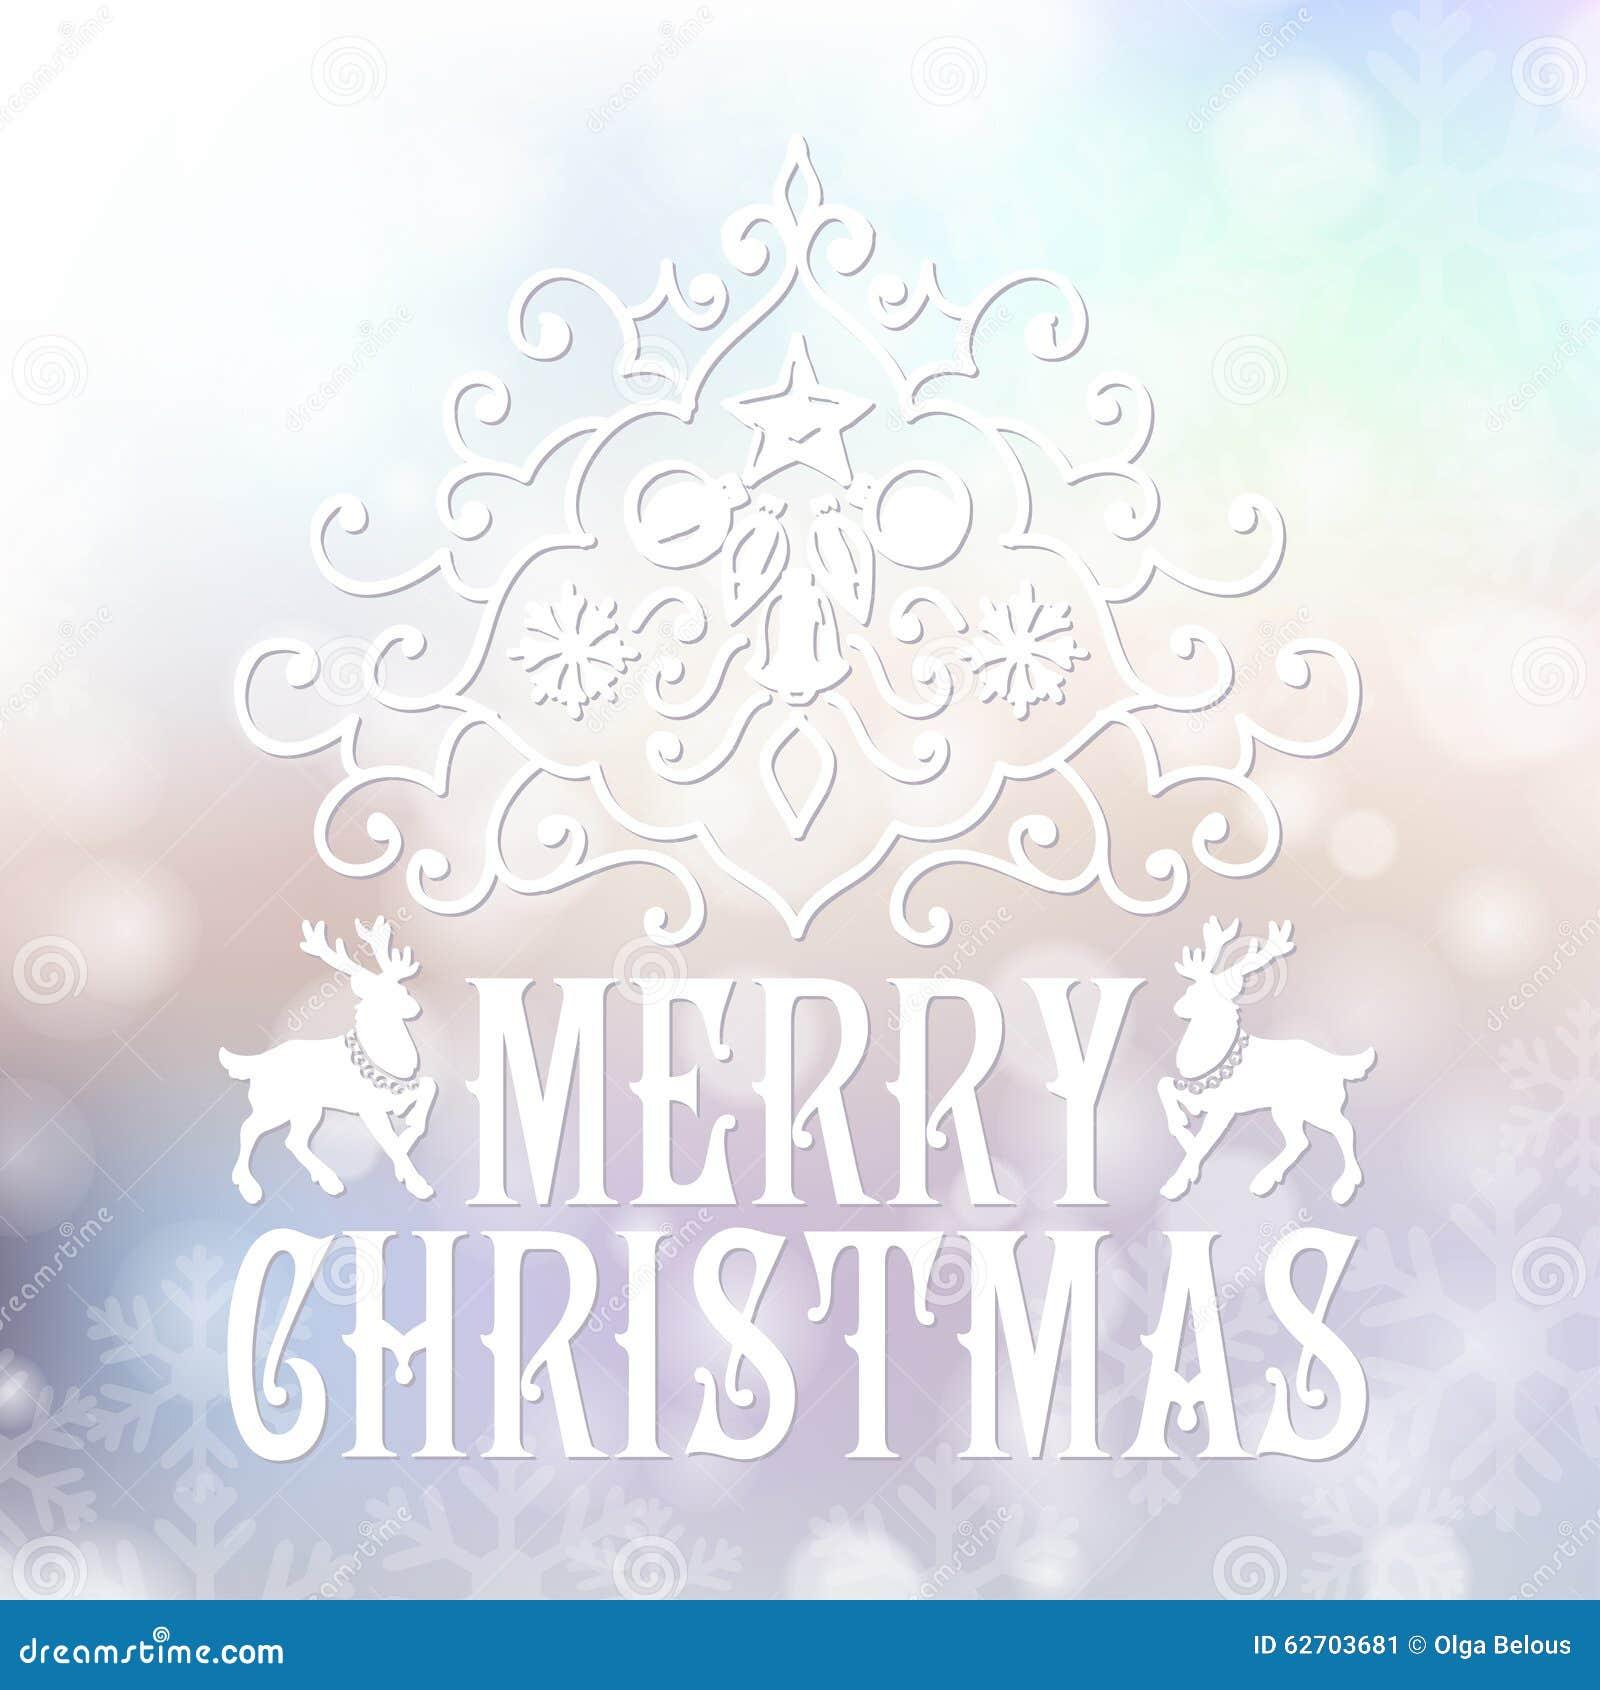 Κάρτα συγχαρητηρίων Χαρούμενα Χριστούγεννας σε μουτζουρωμένο